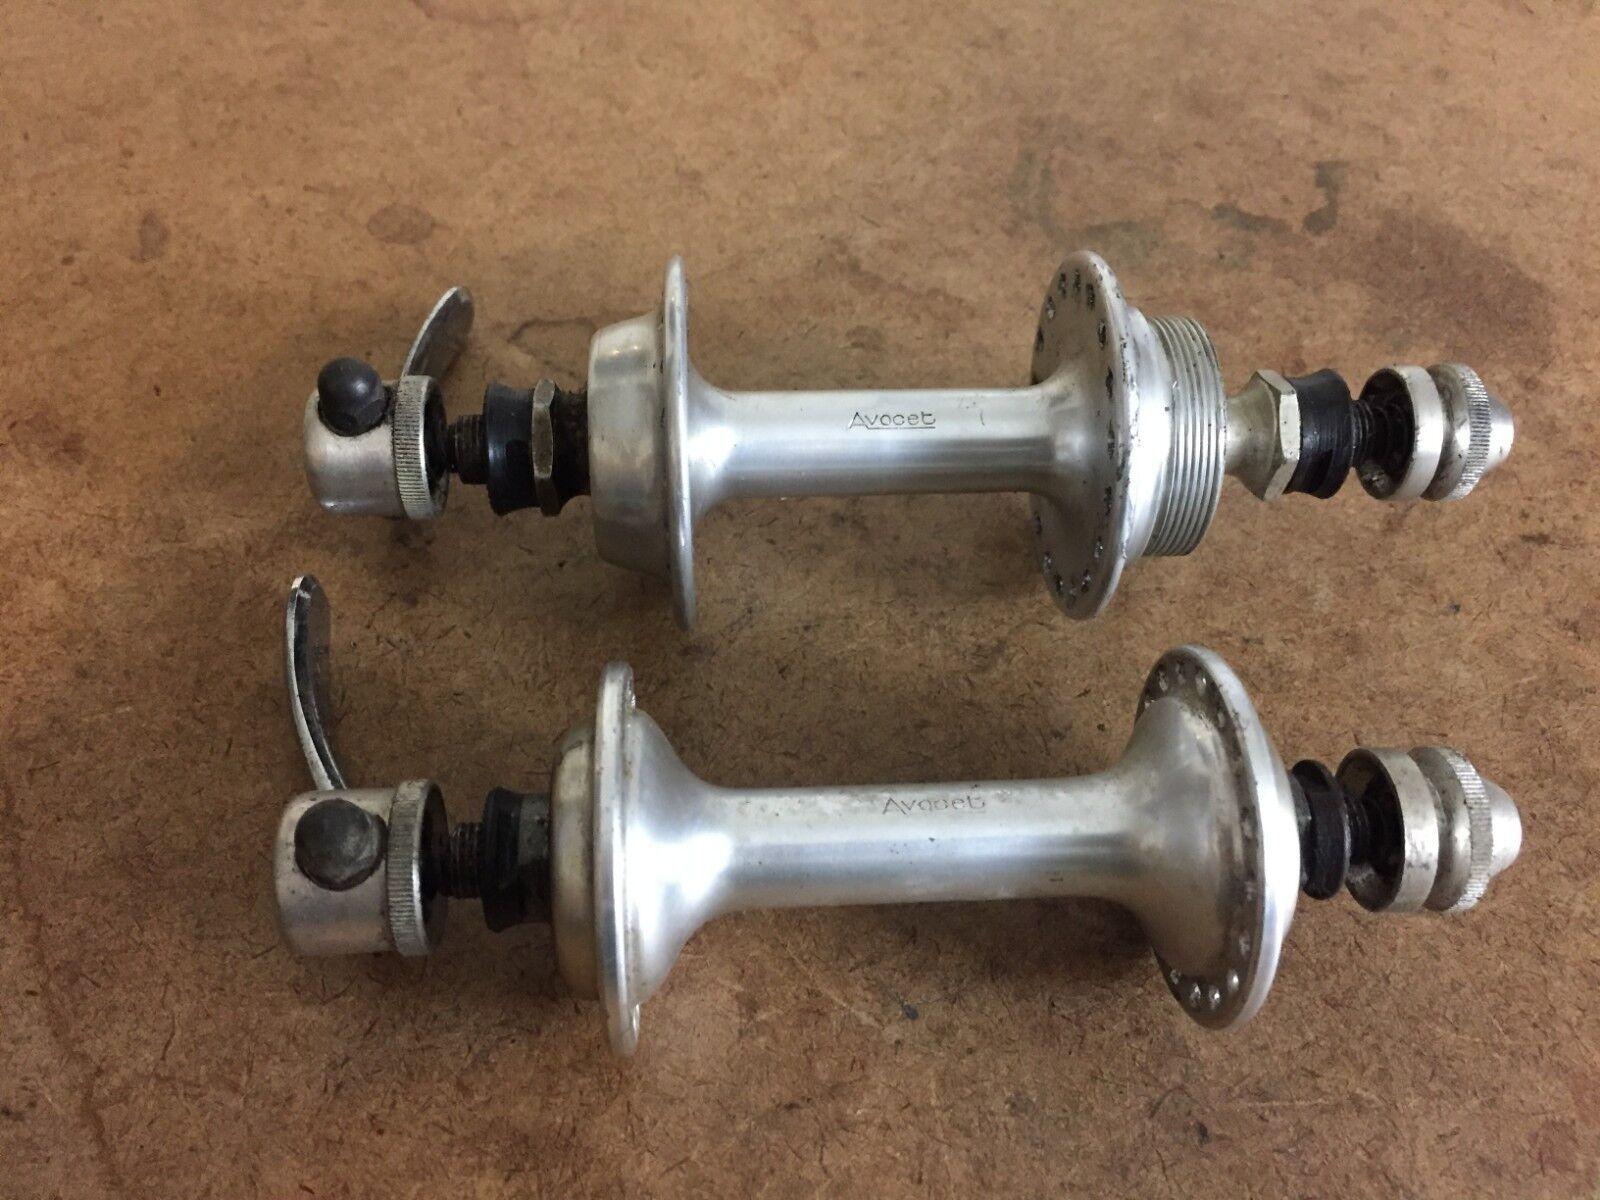 Vintage Avocet road bike hub set 36h 126mm freewheel sealed bearings QR skewers